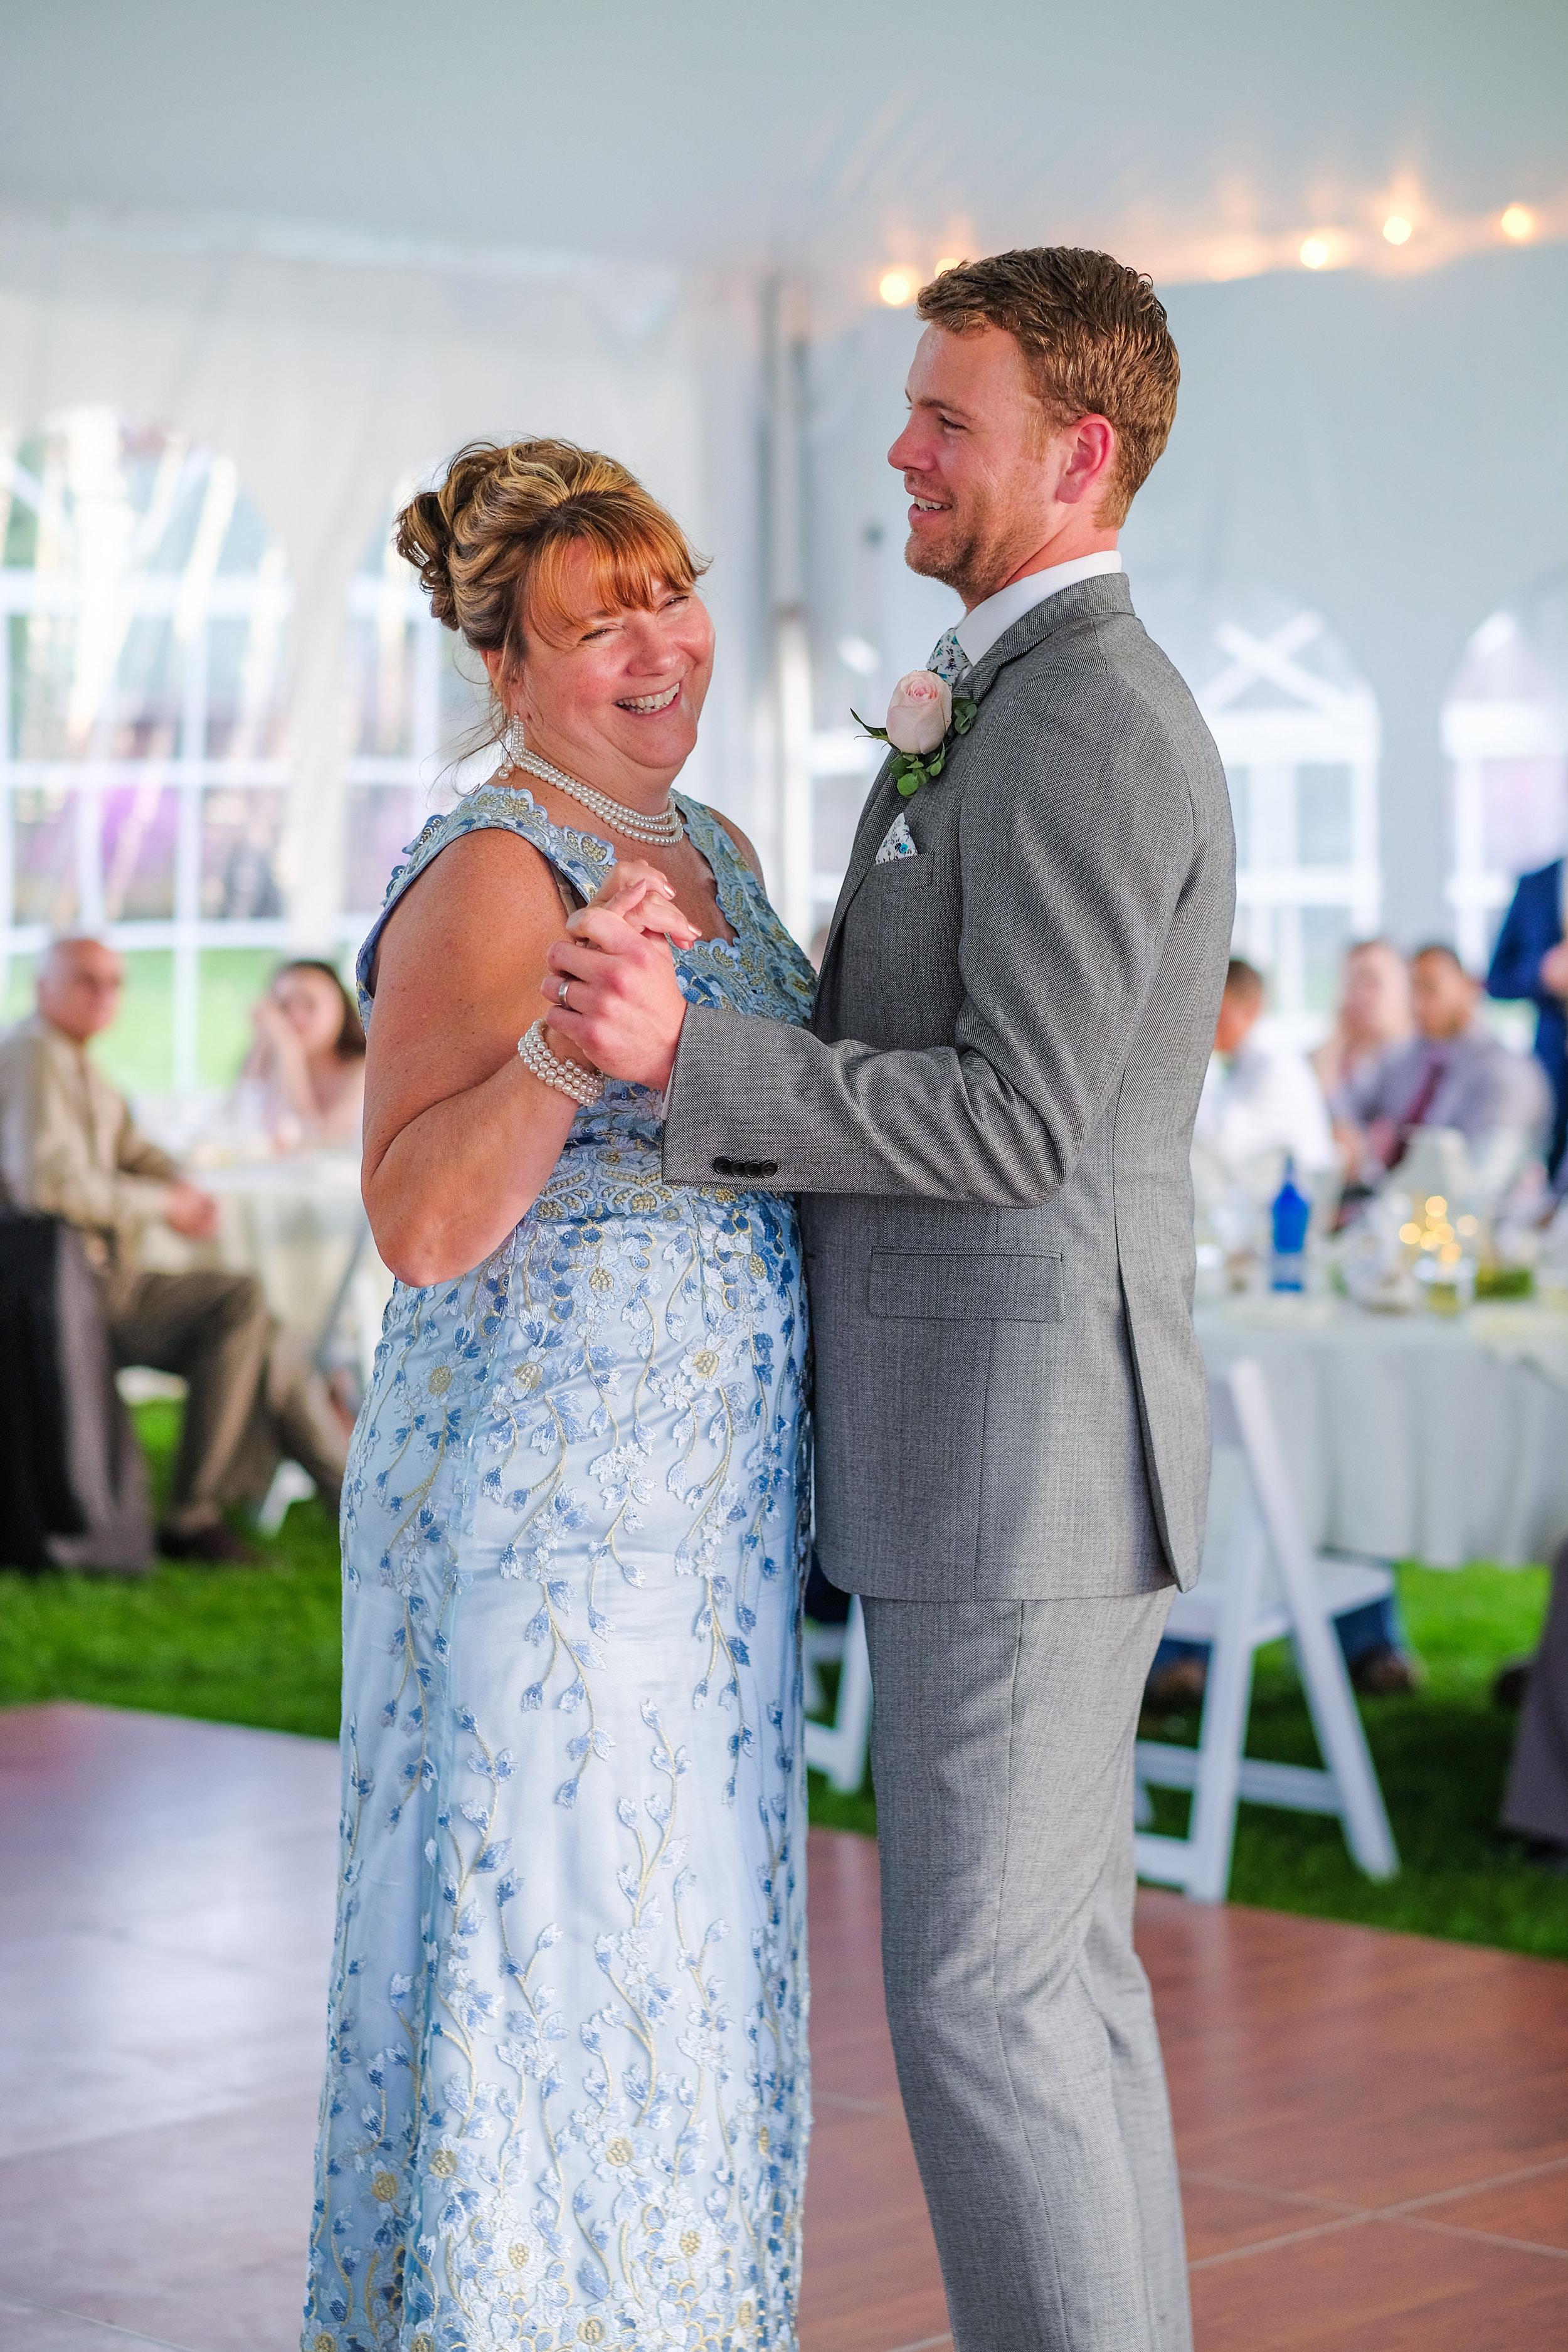 laconia-margate-wedding-photography-705.jpg